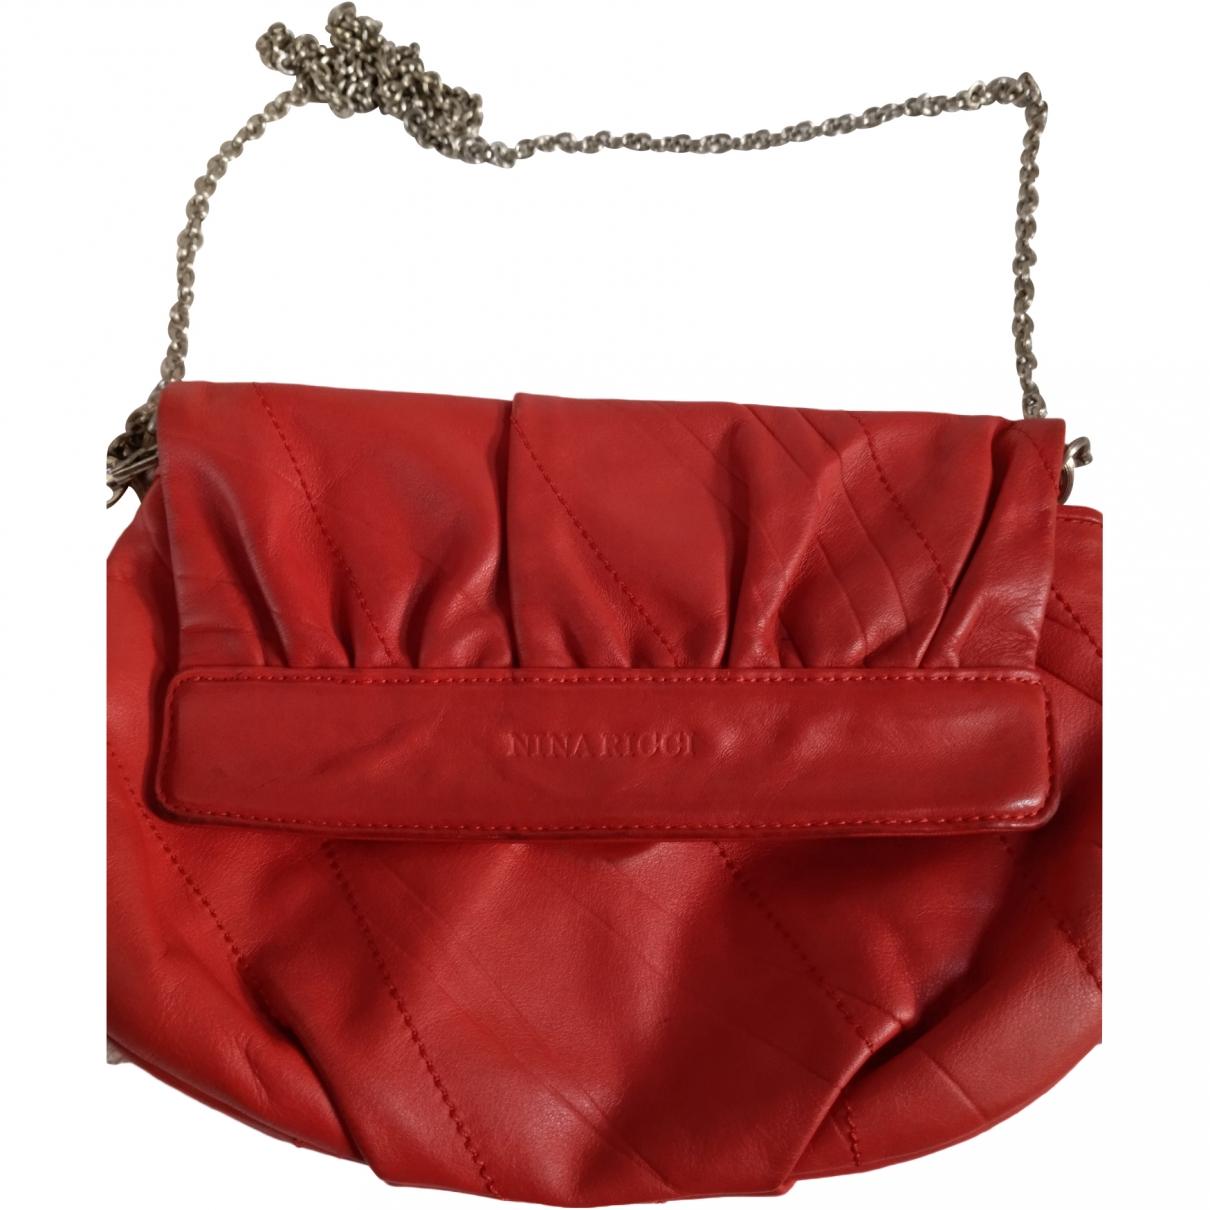 Nina Ricci \N Orange Leather Clutch bag for Women \N